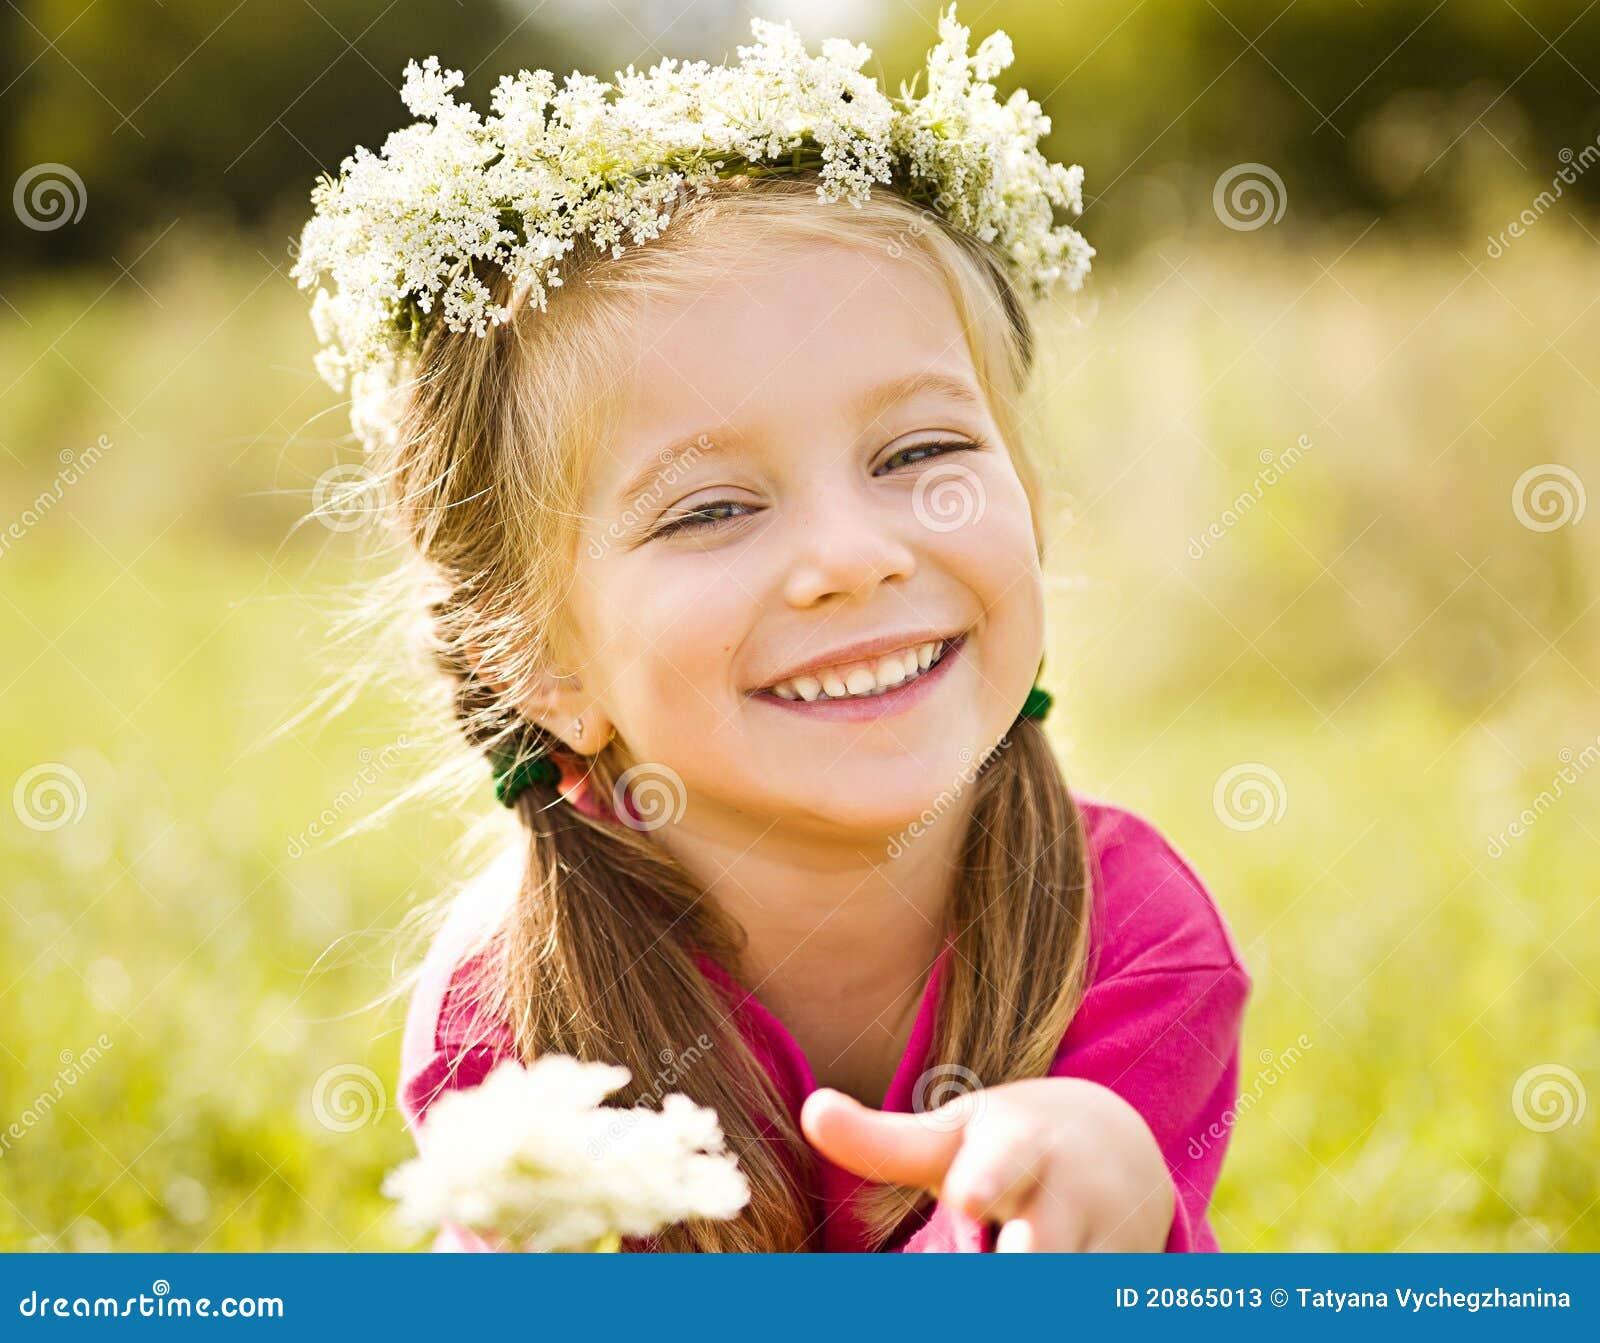 Idees Modernes Pour Au Dessus Des Armoires De Cuisine : Guirlande Chambre Petite Fille  Petite fille en guirlande des fleurs